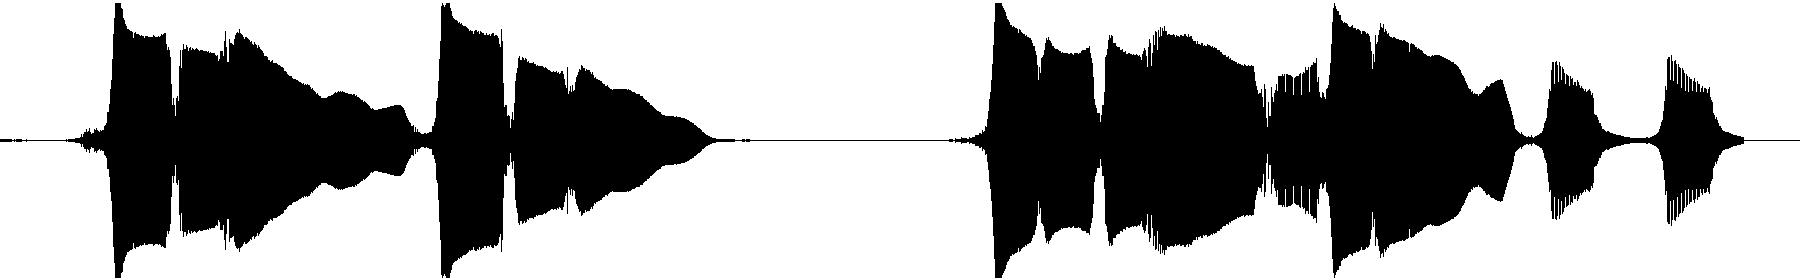 saxsoloe 3